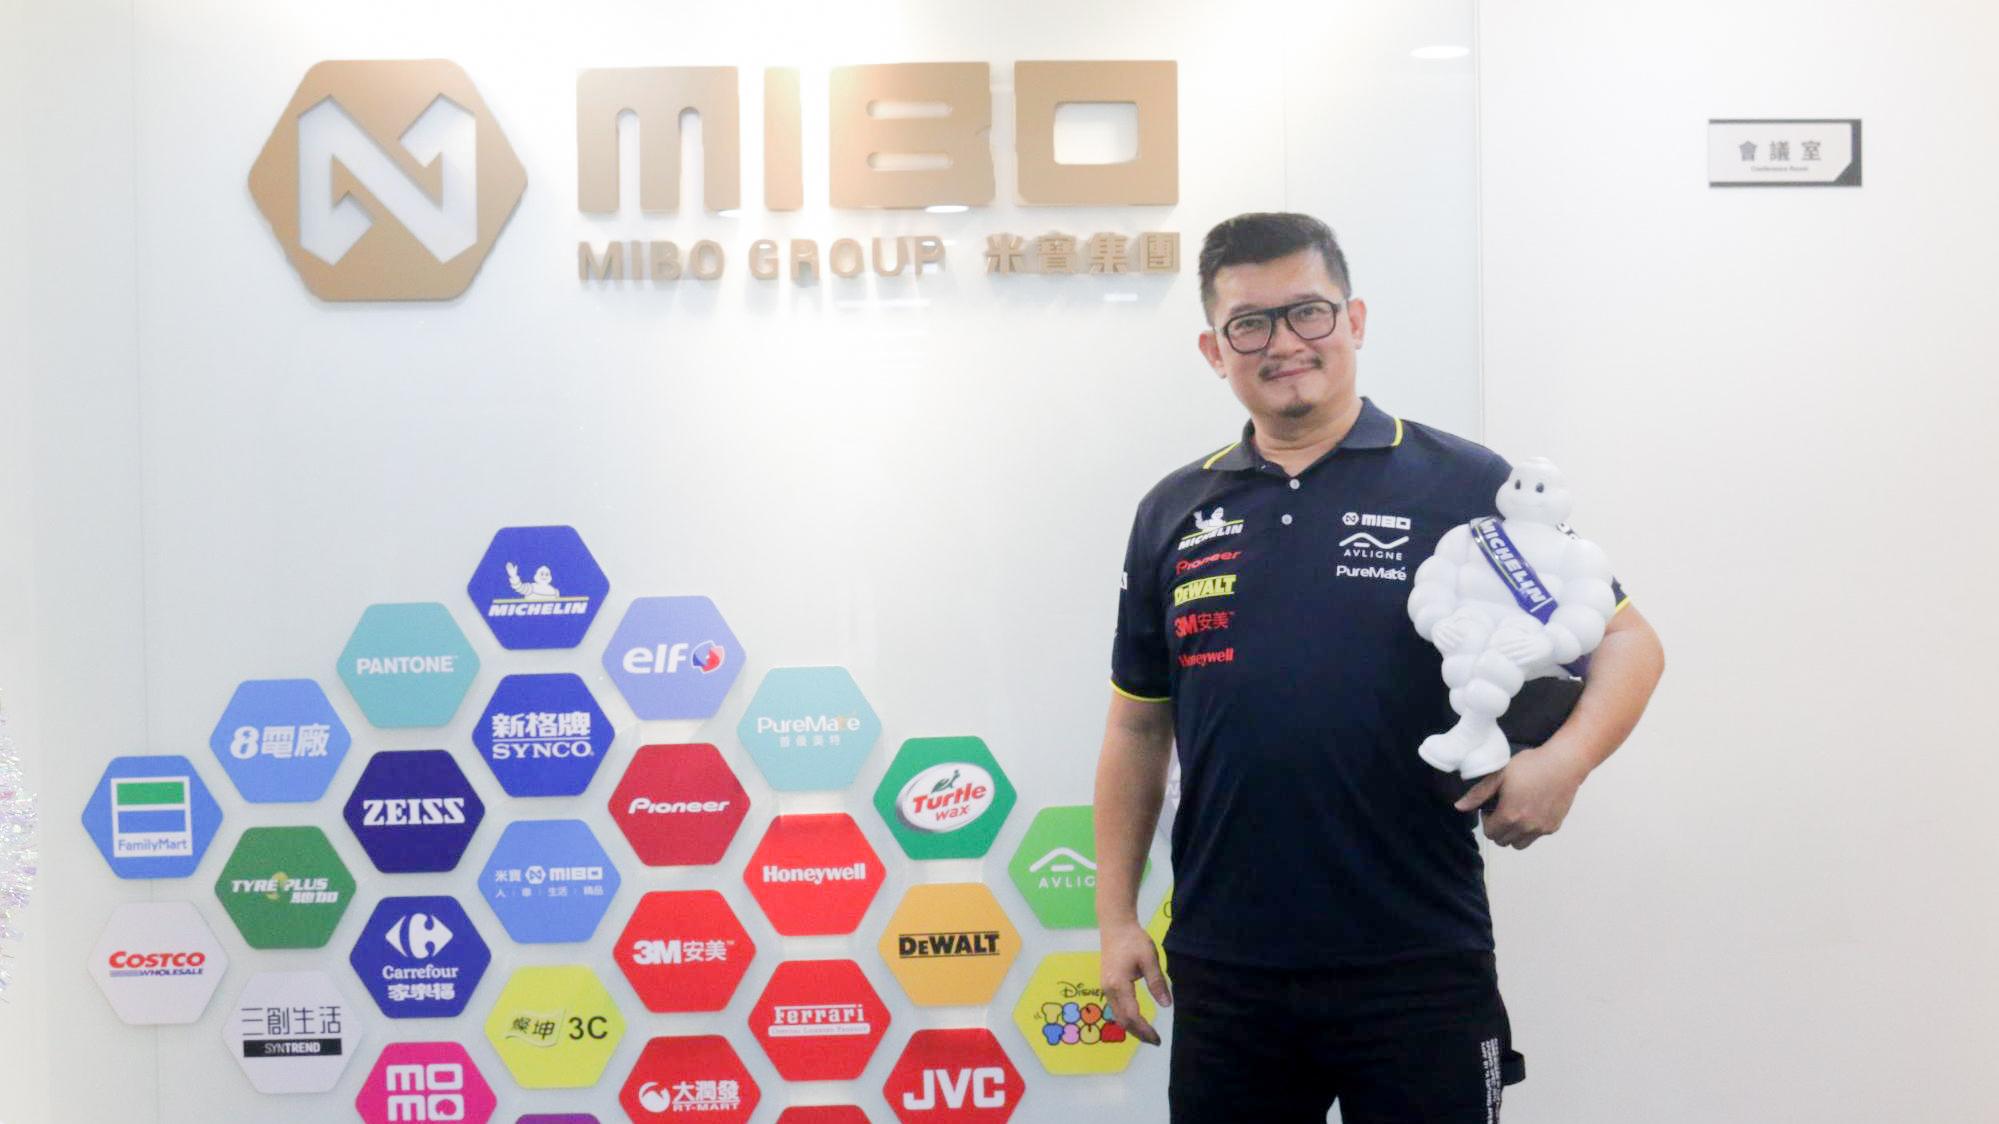 MIBO 米寶人車生活精品:中高價位代理商品如何打入市場?電商靠2策略成功破解